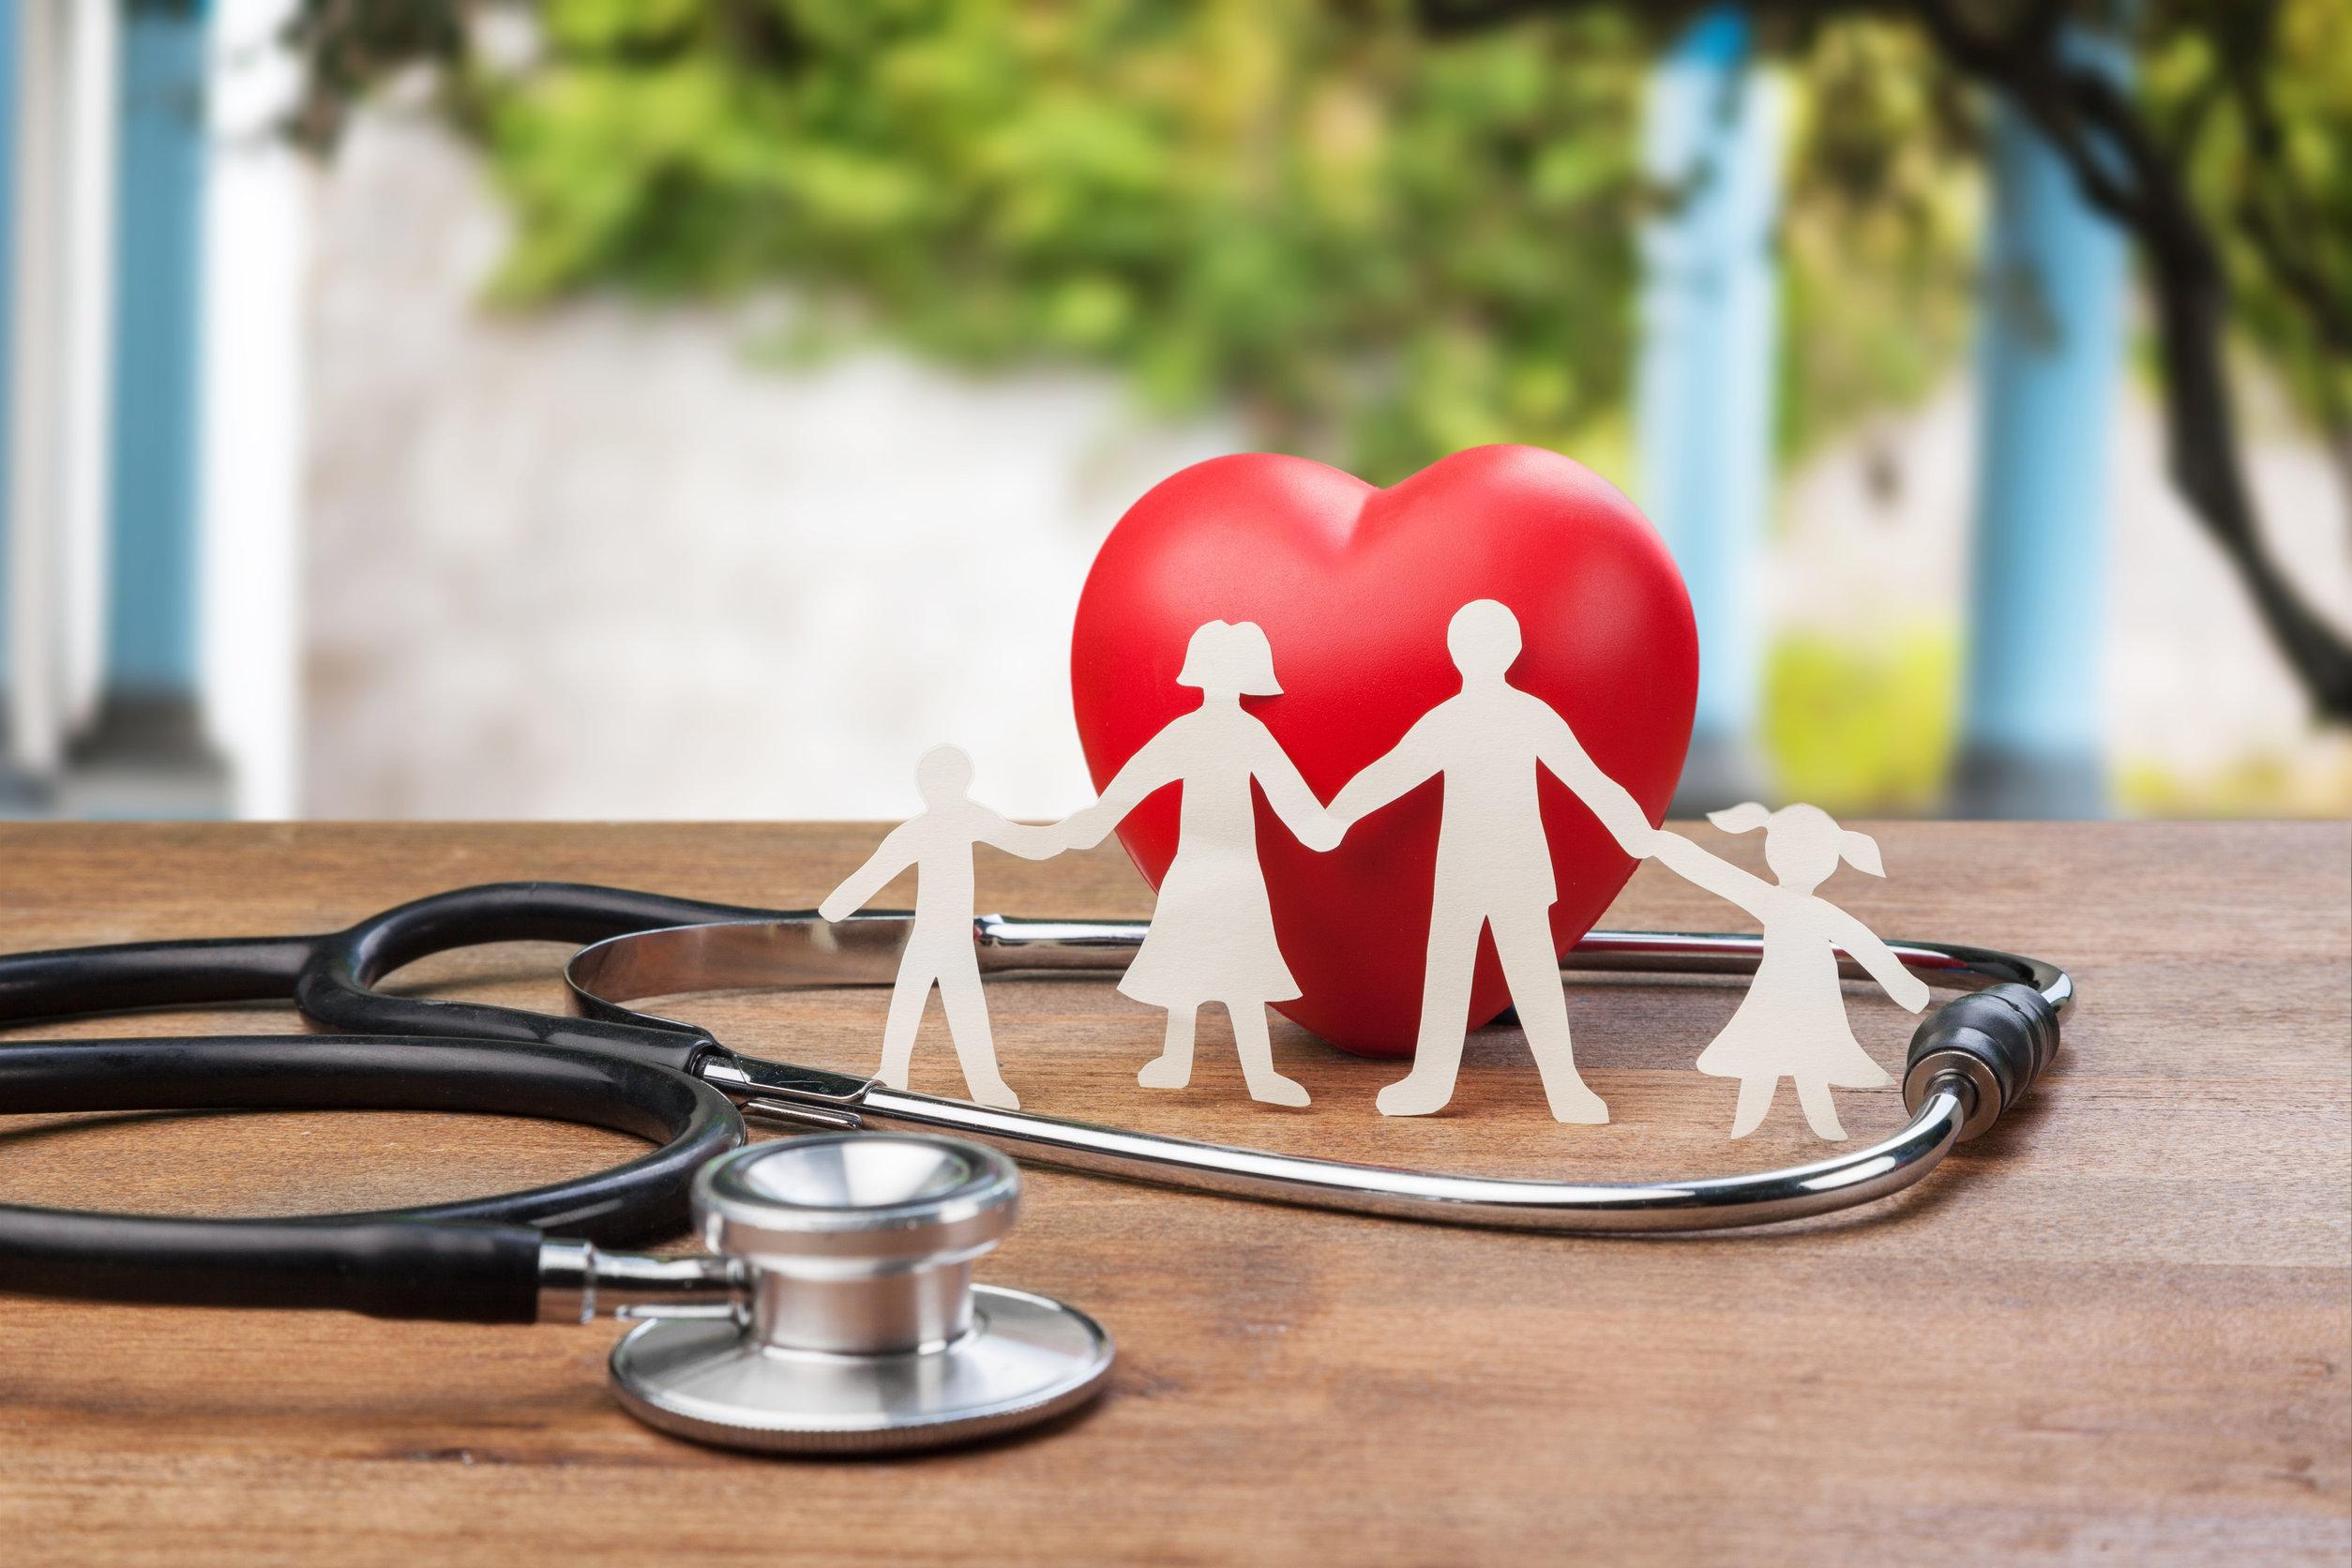 심뇌혈관질환 예방관리를 위한 6대 수칙